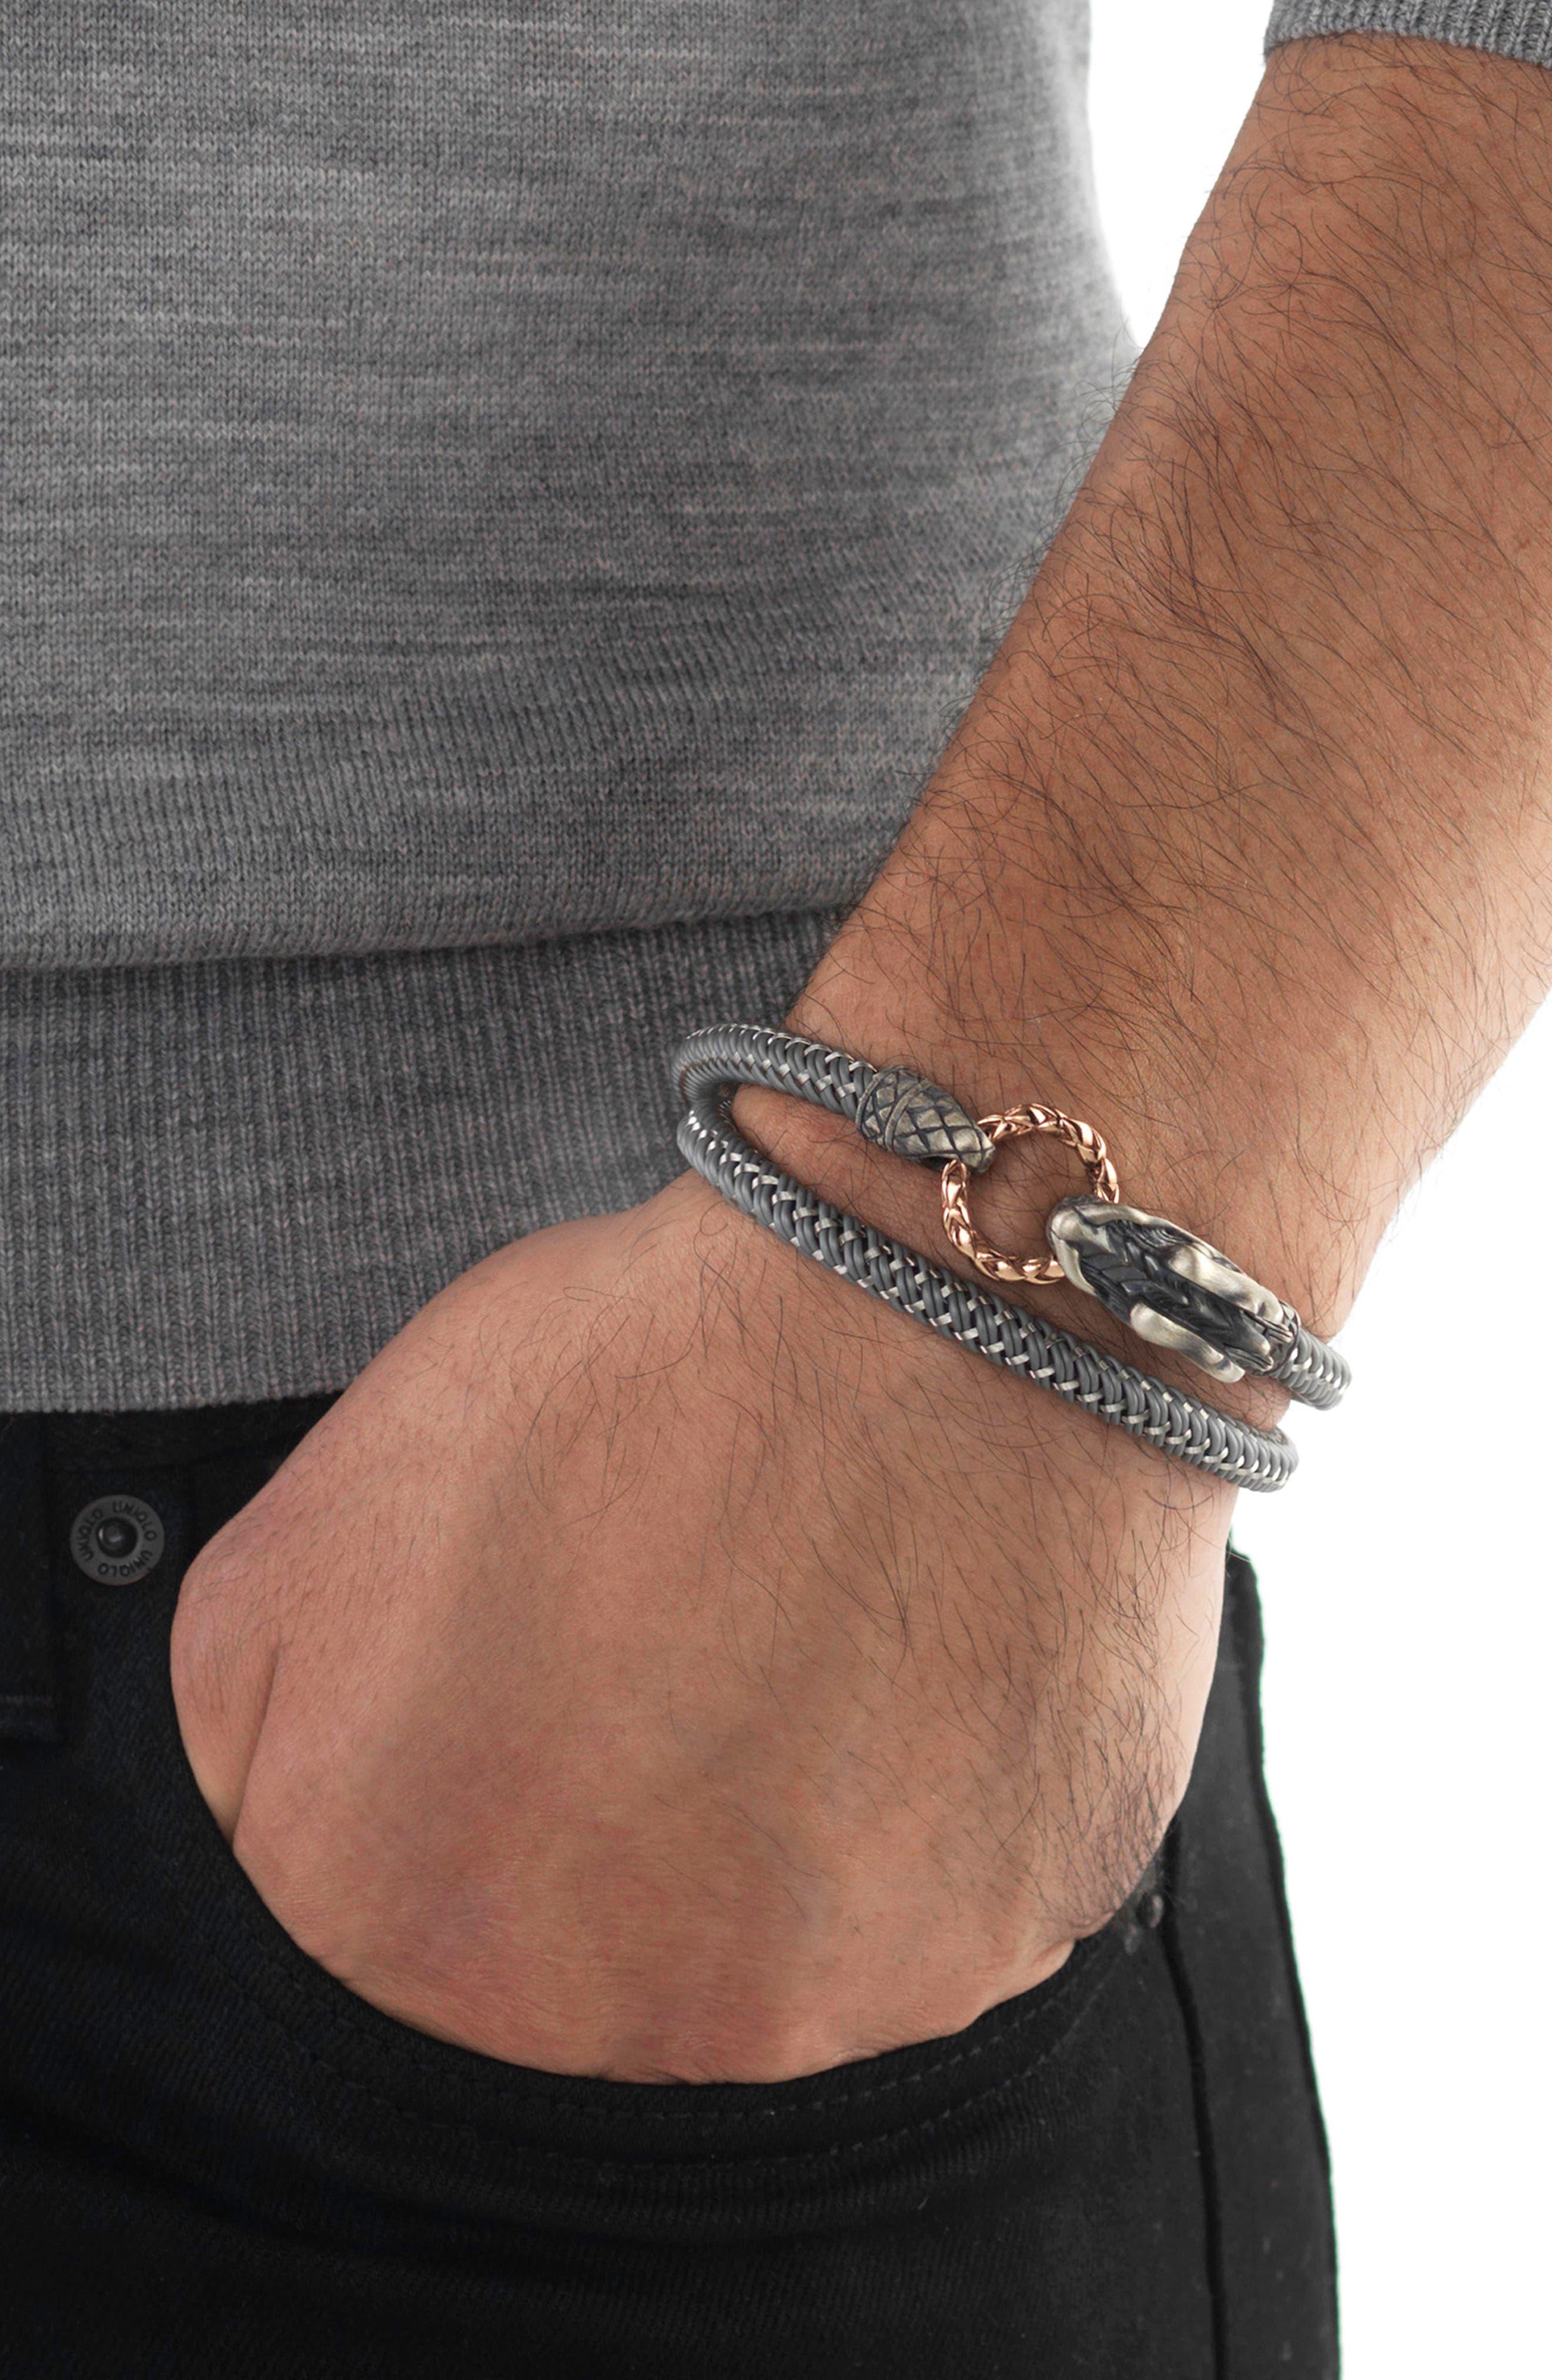 Legends Naga Double Wrap Bracelet,                             Alternate thumbnail 2, color,                             040